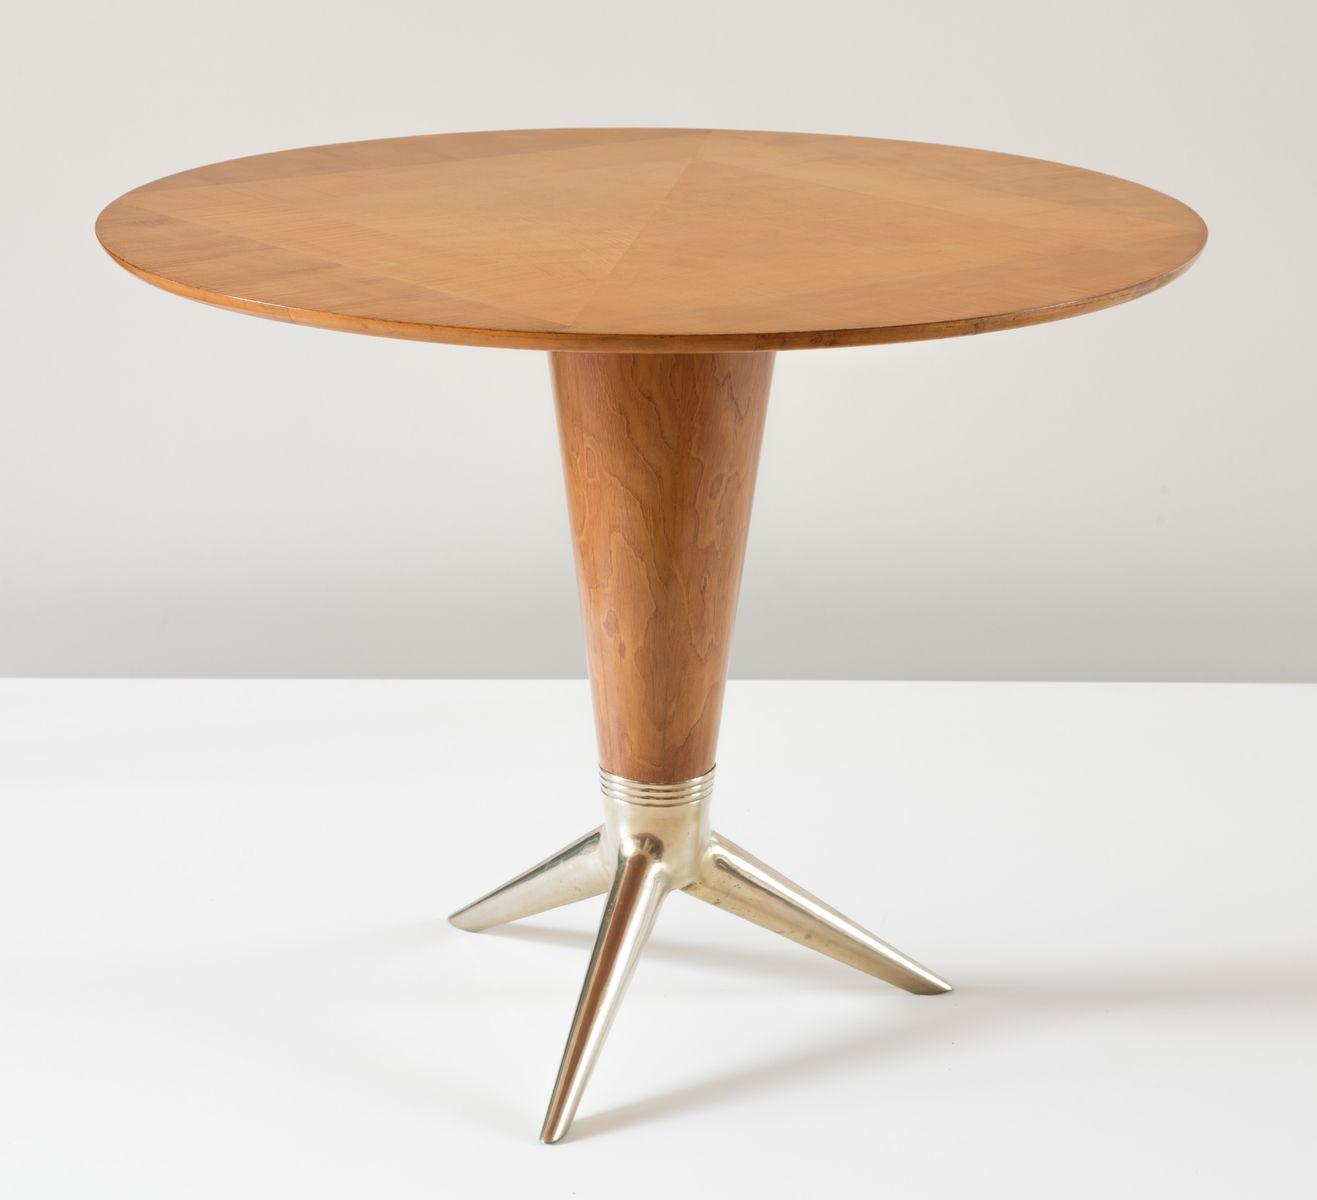 Dinette table by gio ponti for arredamenti isa bergamo for for Isa arredamenti